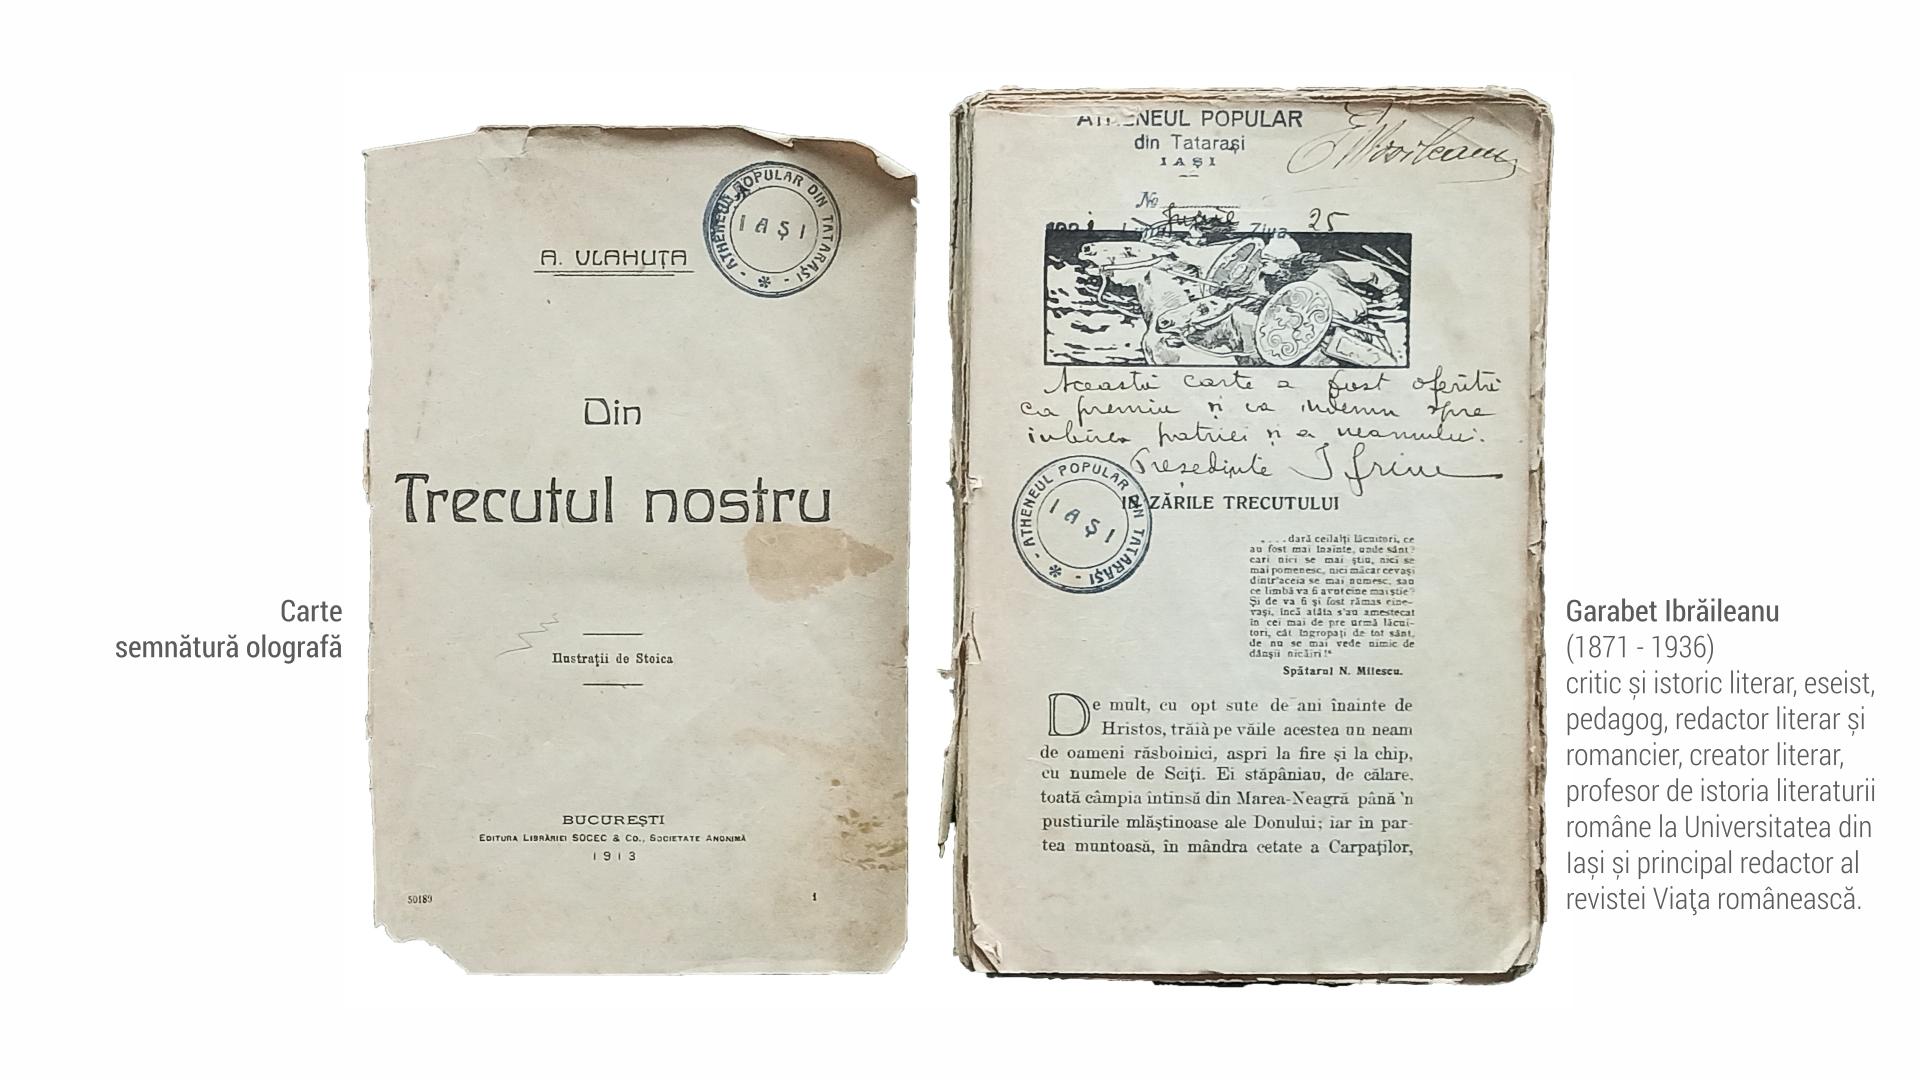 1871 Garabet Ibraileanu - carte